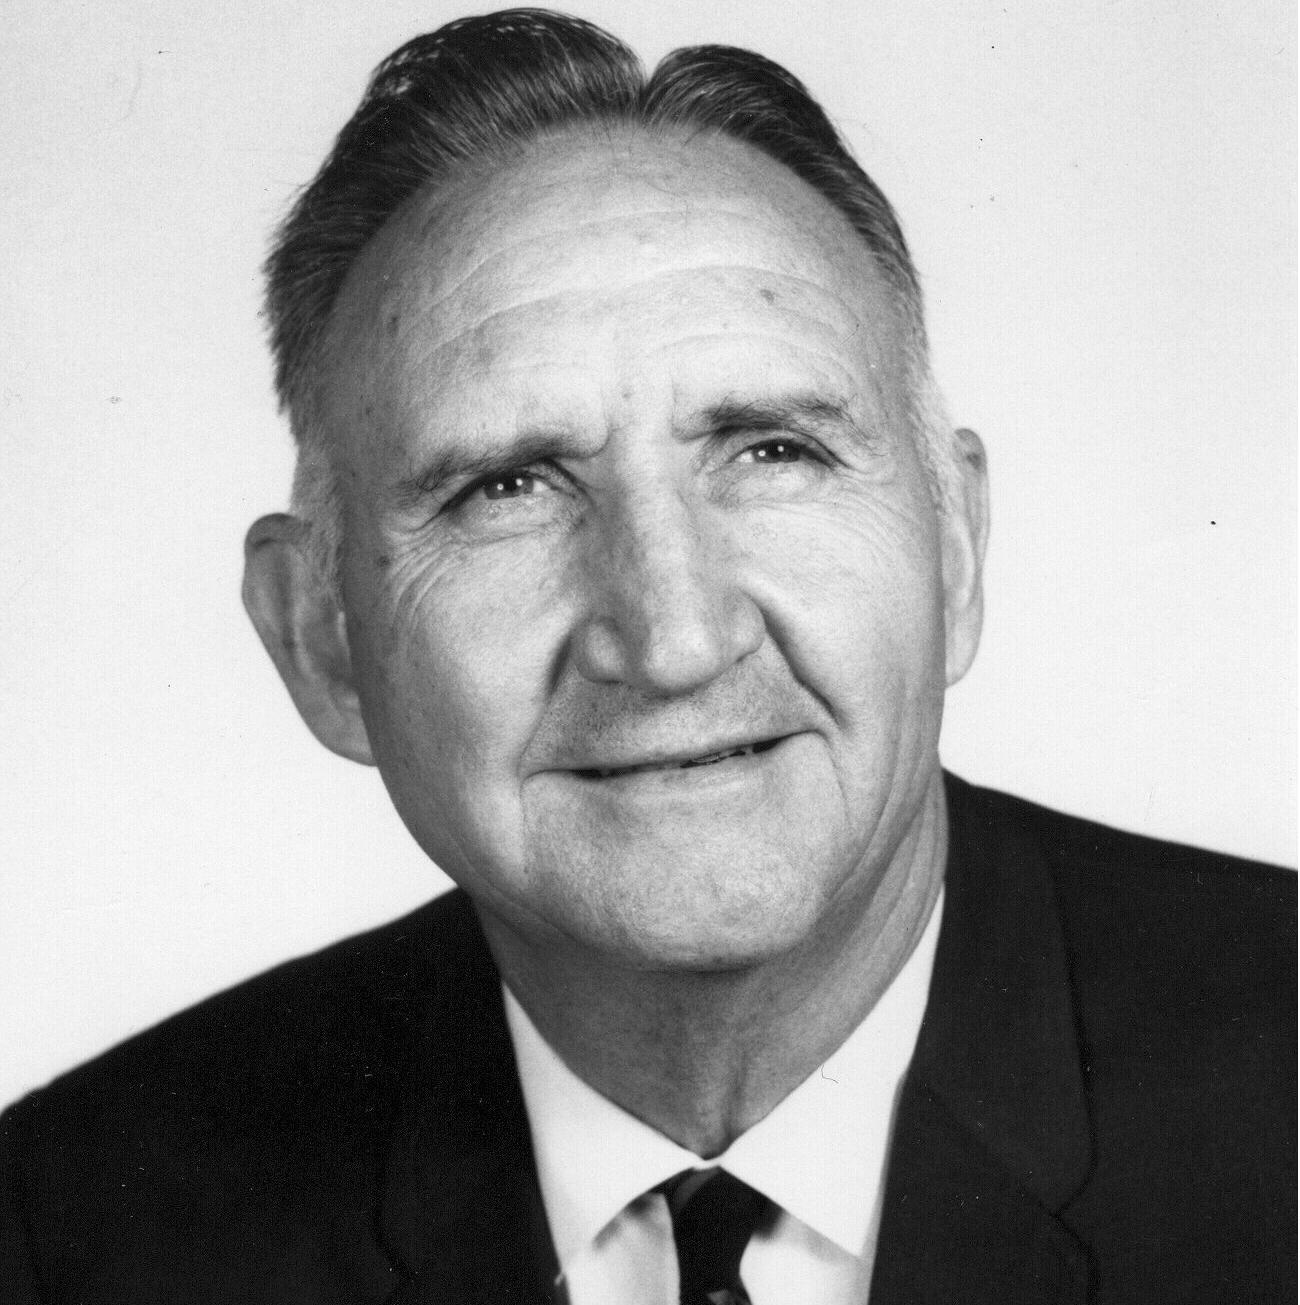 Bob Smith, Coach and Developer